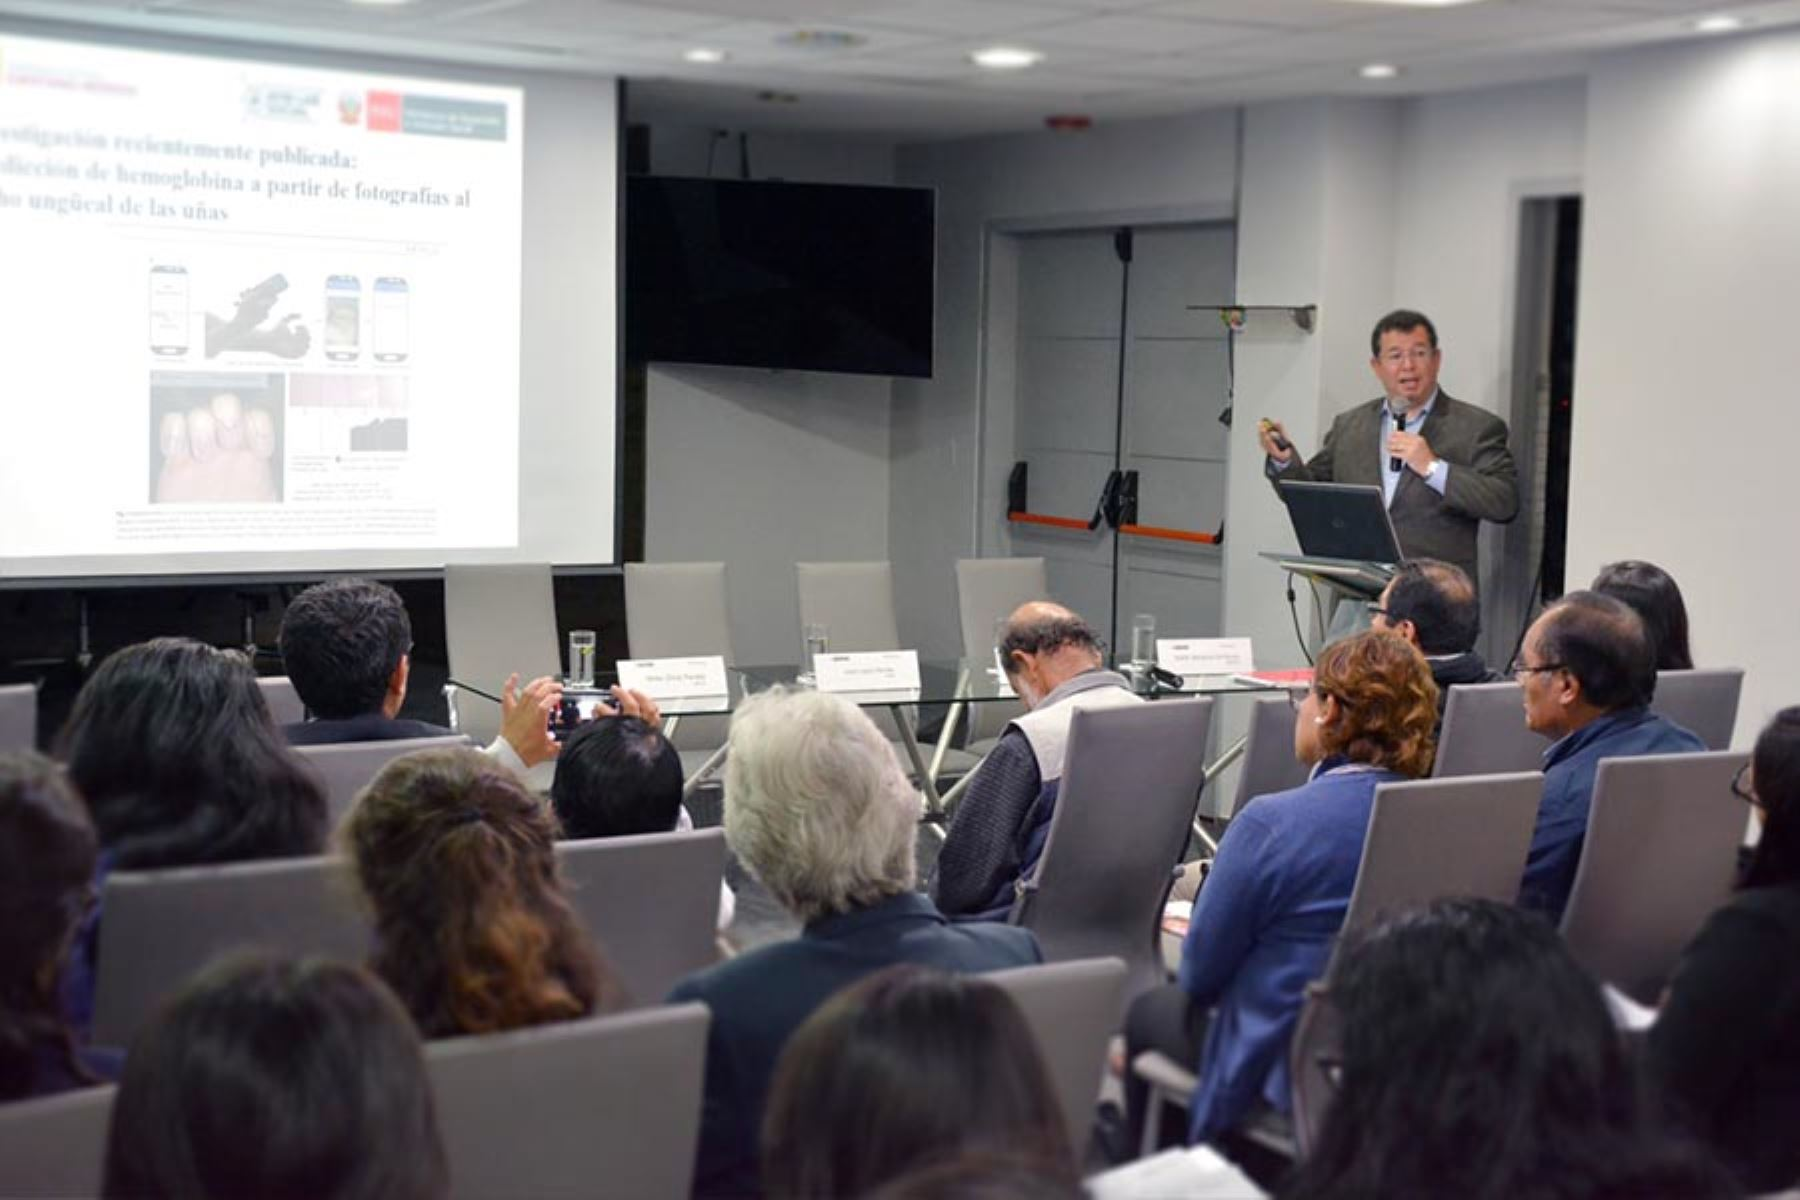 La iniciativa -promovida en el marco de las actividades del AYNI Lab Social, laboratorio de innovación del Ministerio de Desarrollo e Inclusión Social (Midis)- empezó hace más de un año